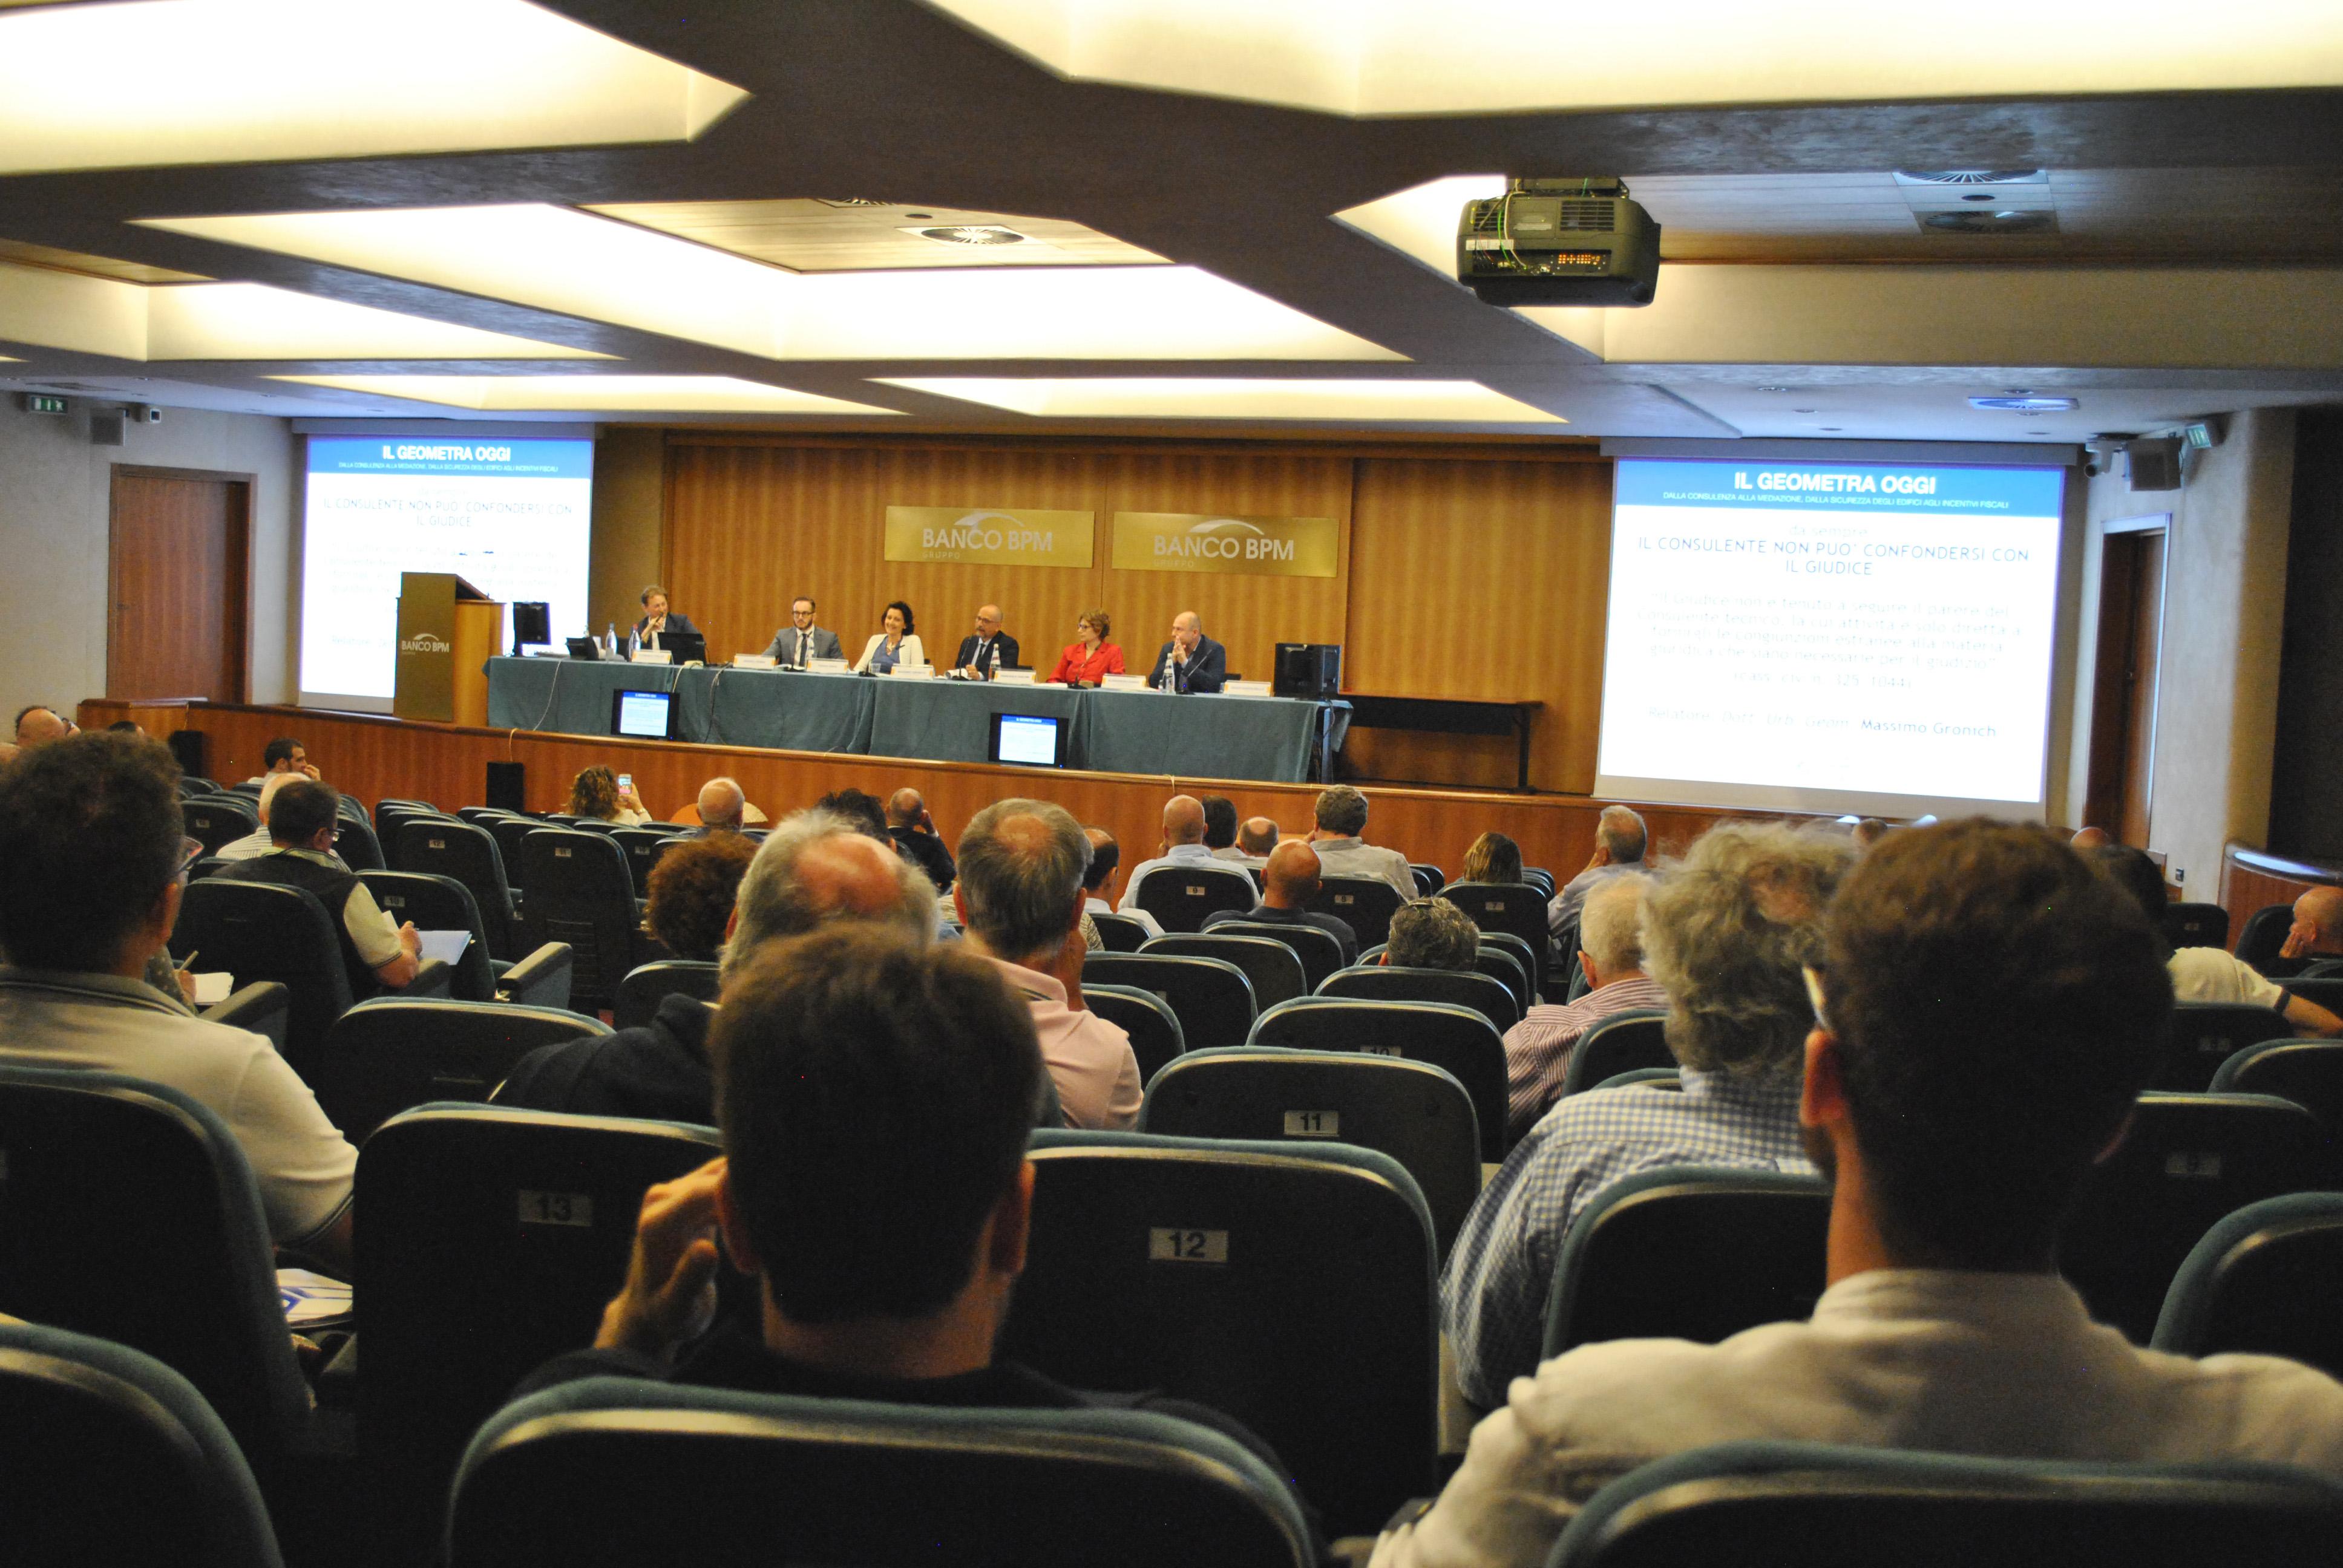 Ufficio Di Mediazione : Sicurezza incentivi fiscali e mediazione i geometri al servizio